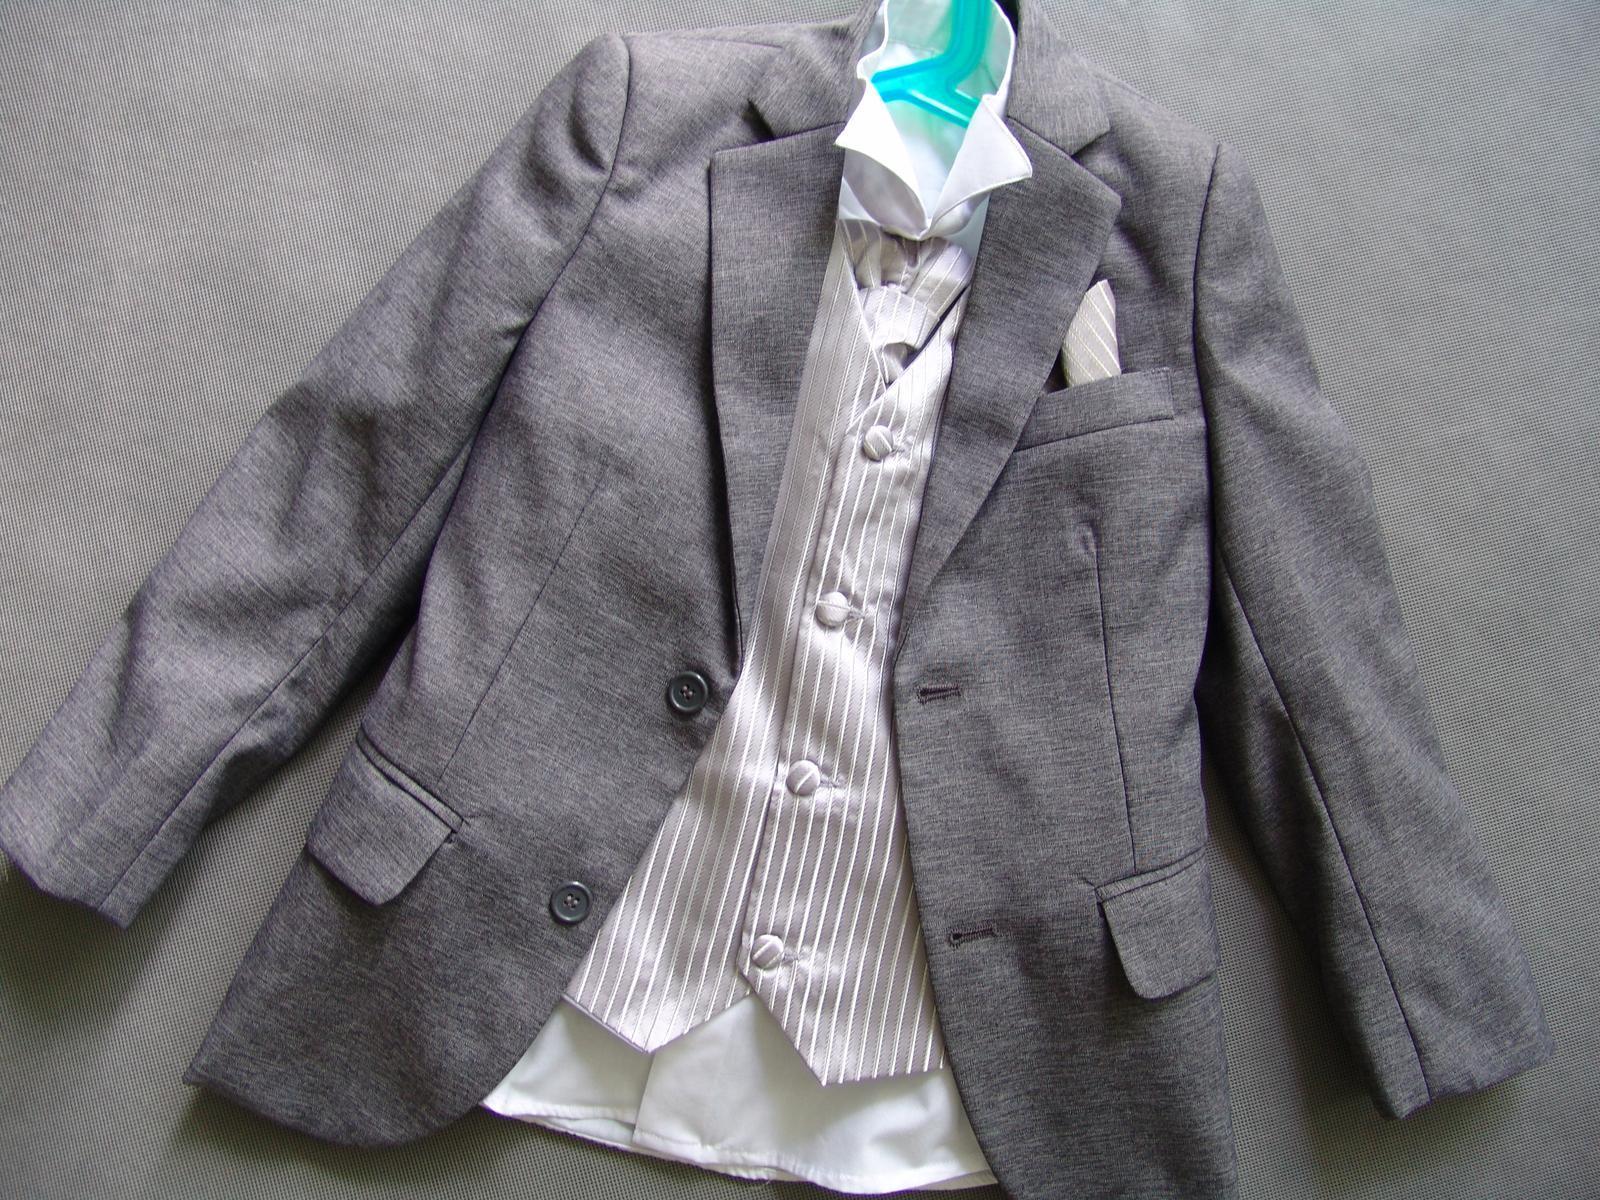 SKLADEM - šedý oblek k zapůjčení 7 a 11 let - Obrázek č. 2